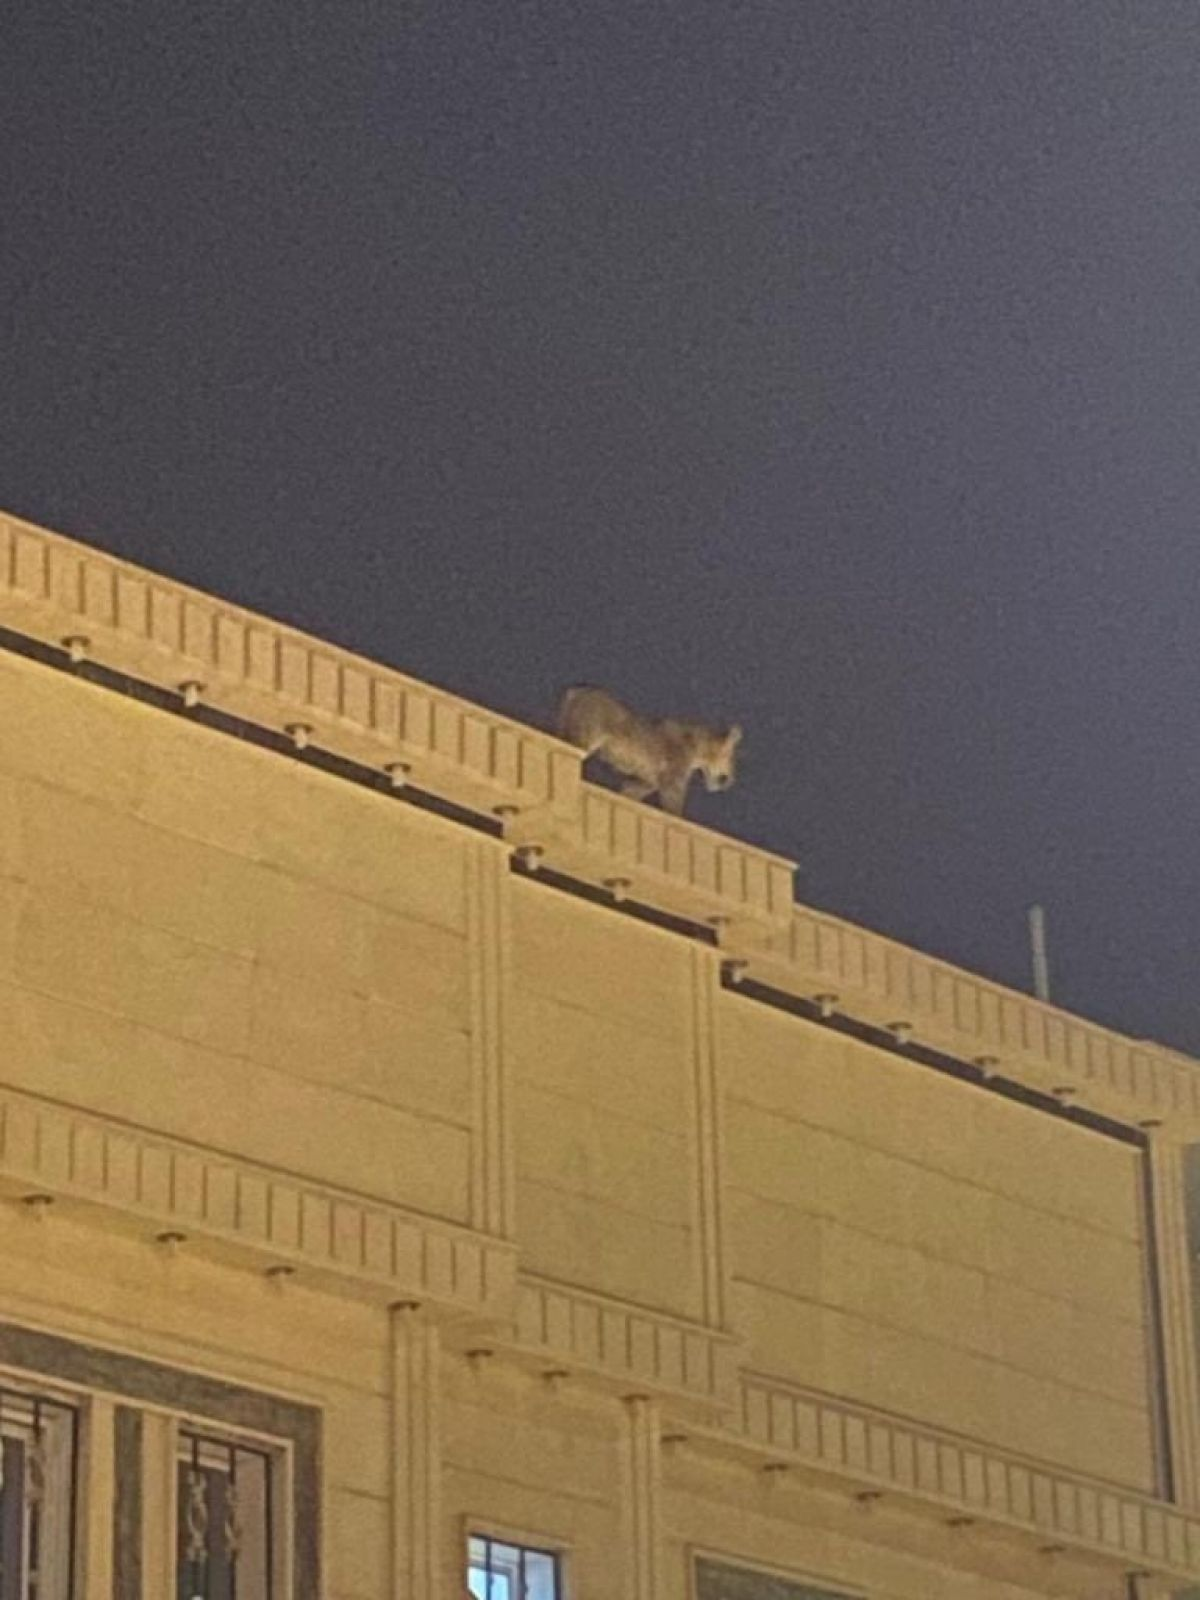 Suudi Arabistan da evin çatısında aslan dolaştı #1